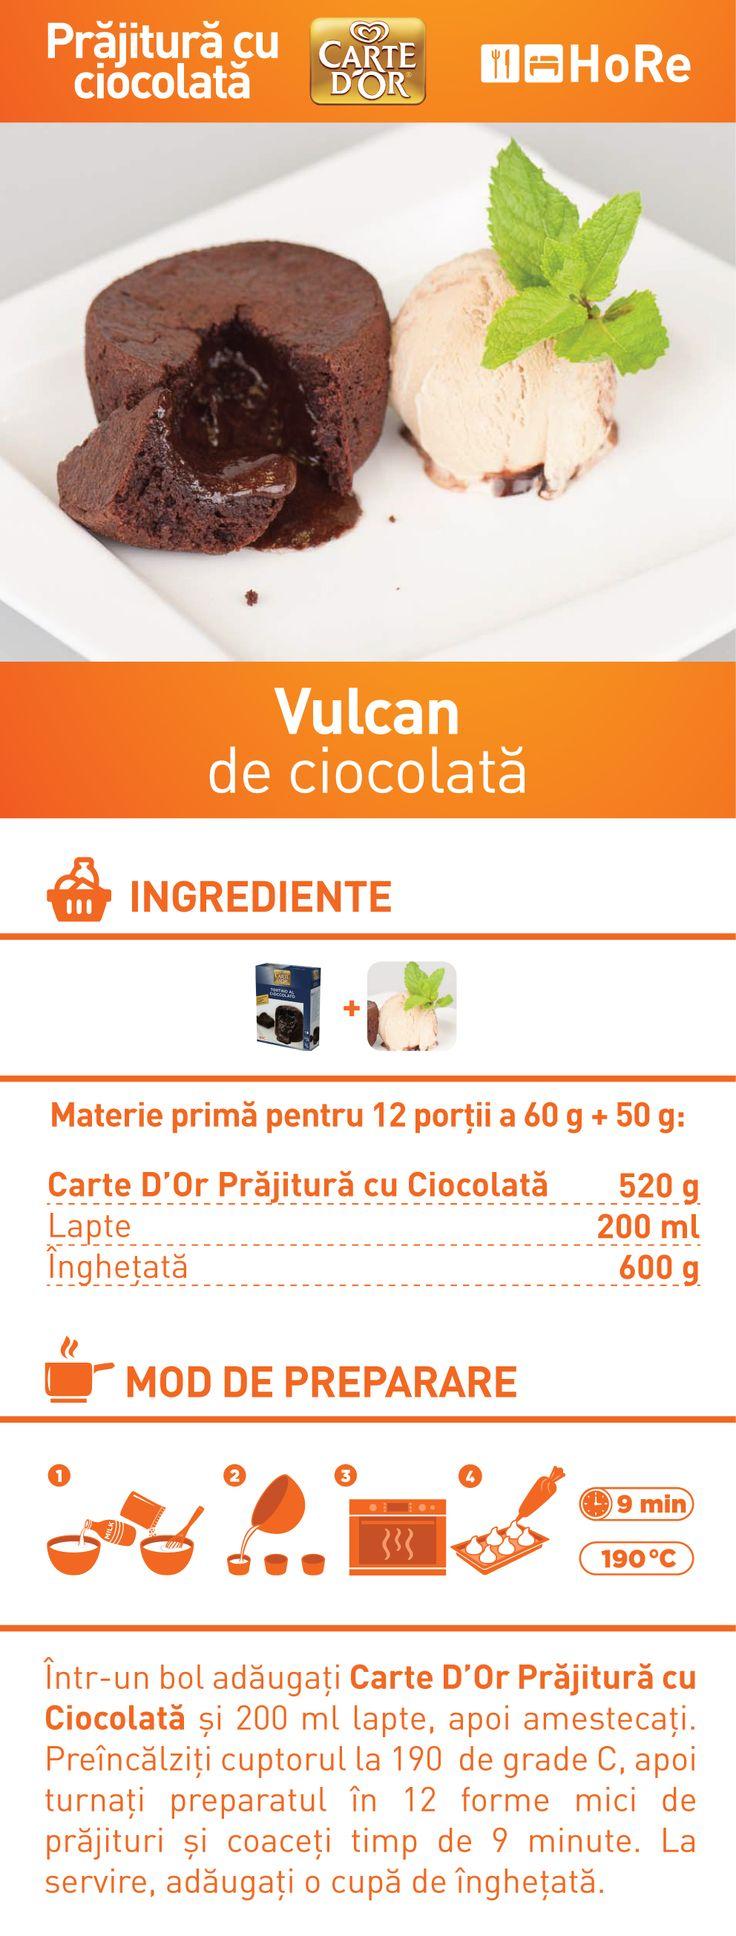 Vulcan de ciocolata - RETETA